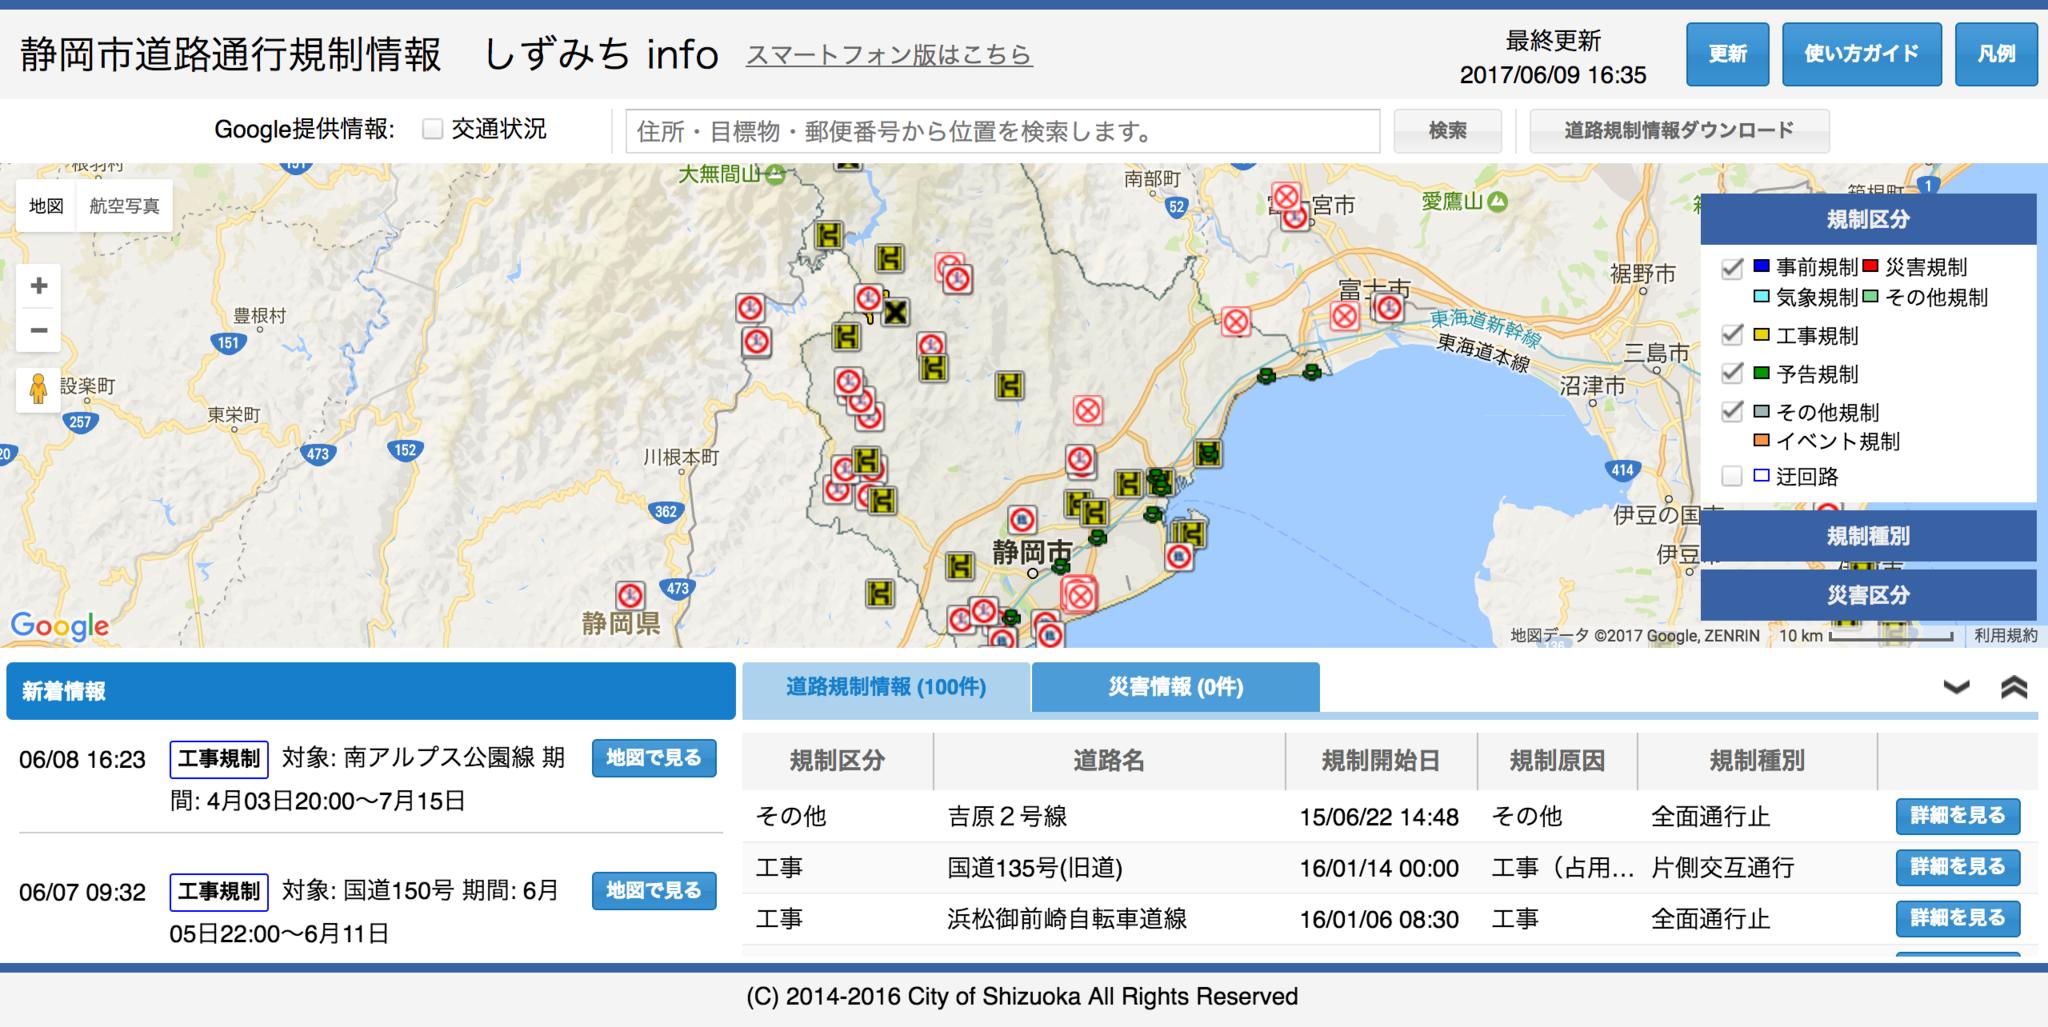 静岡市道路通行規制情報 しずみち_info.png